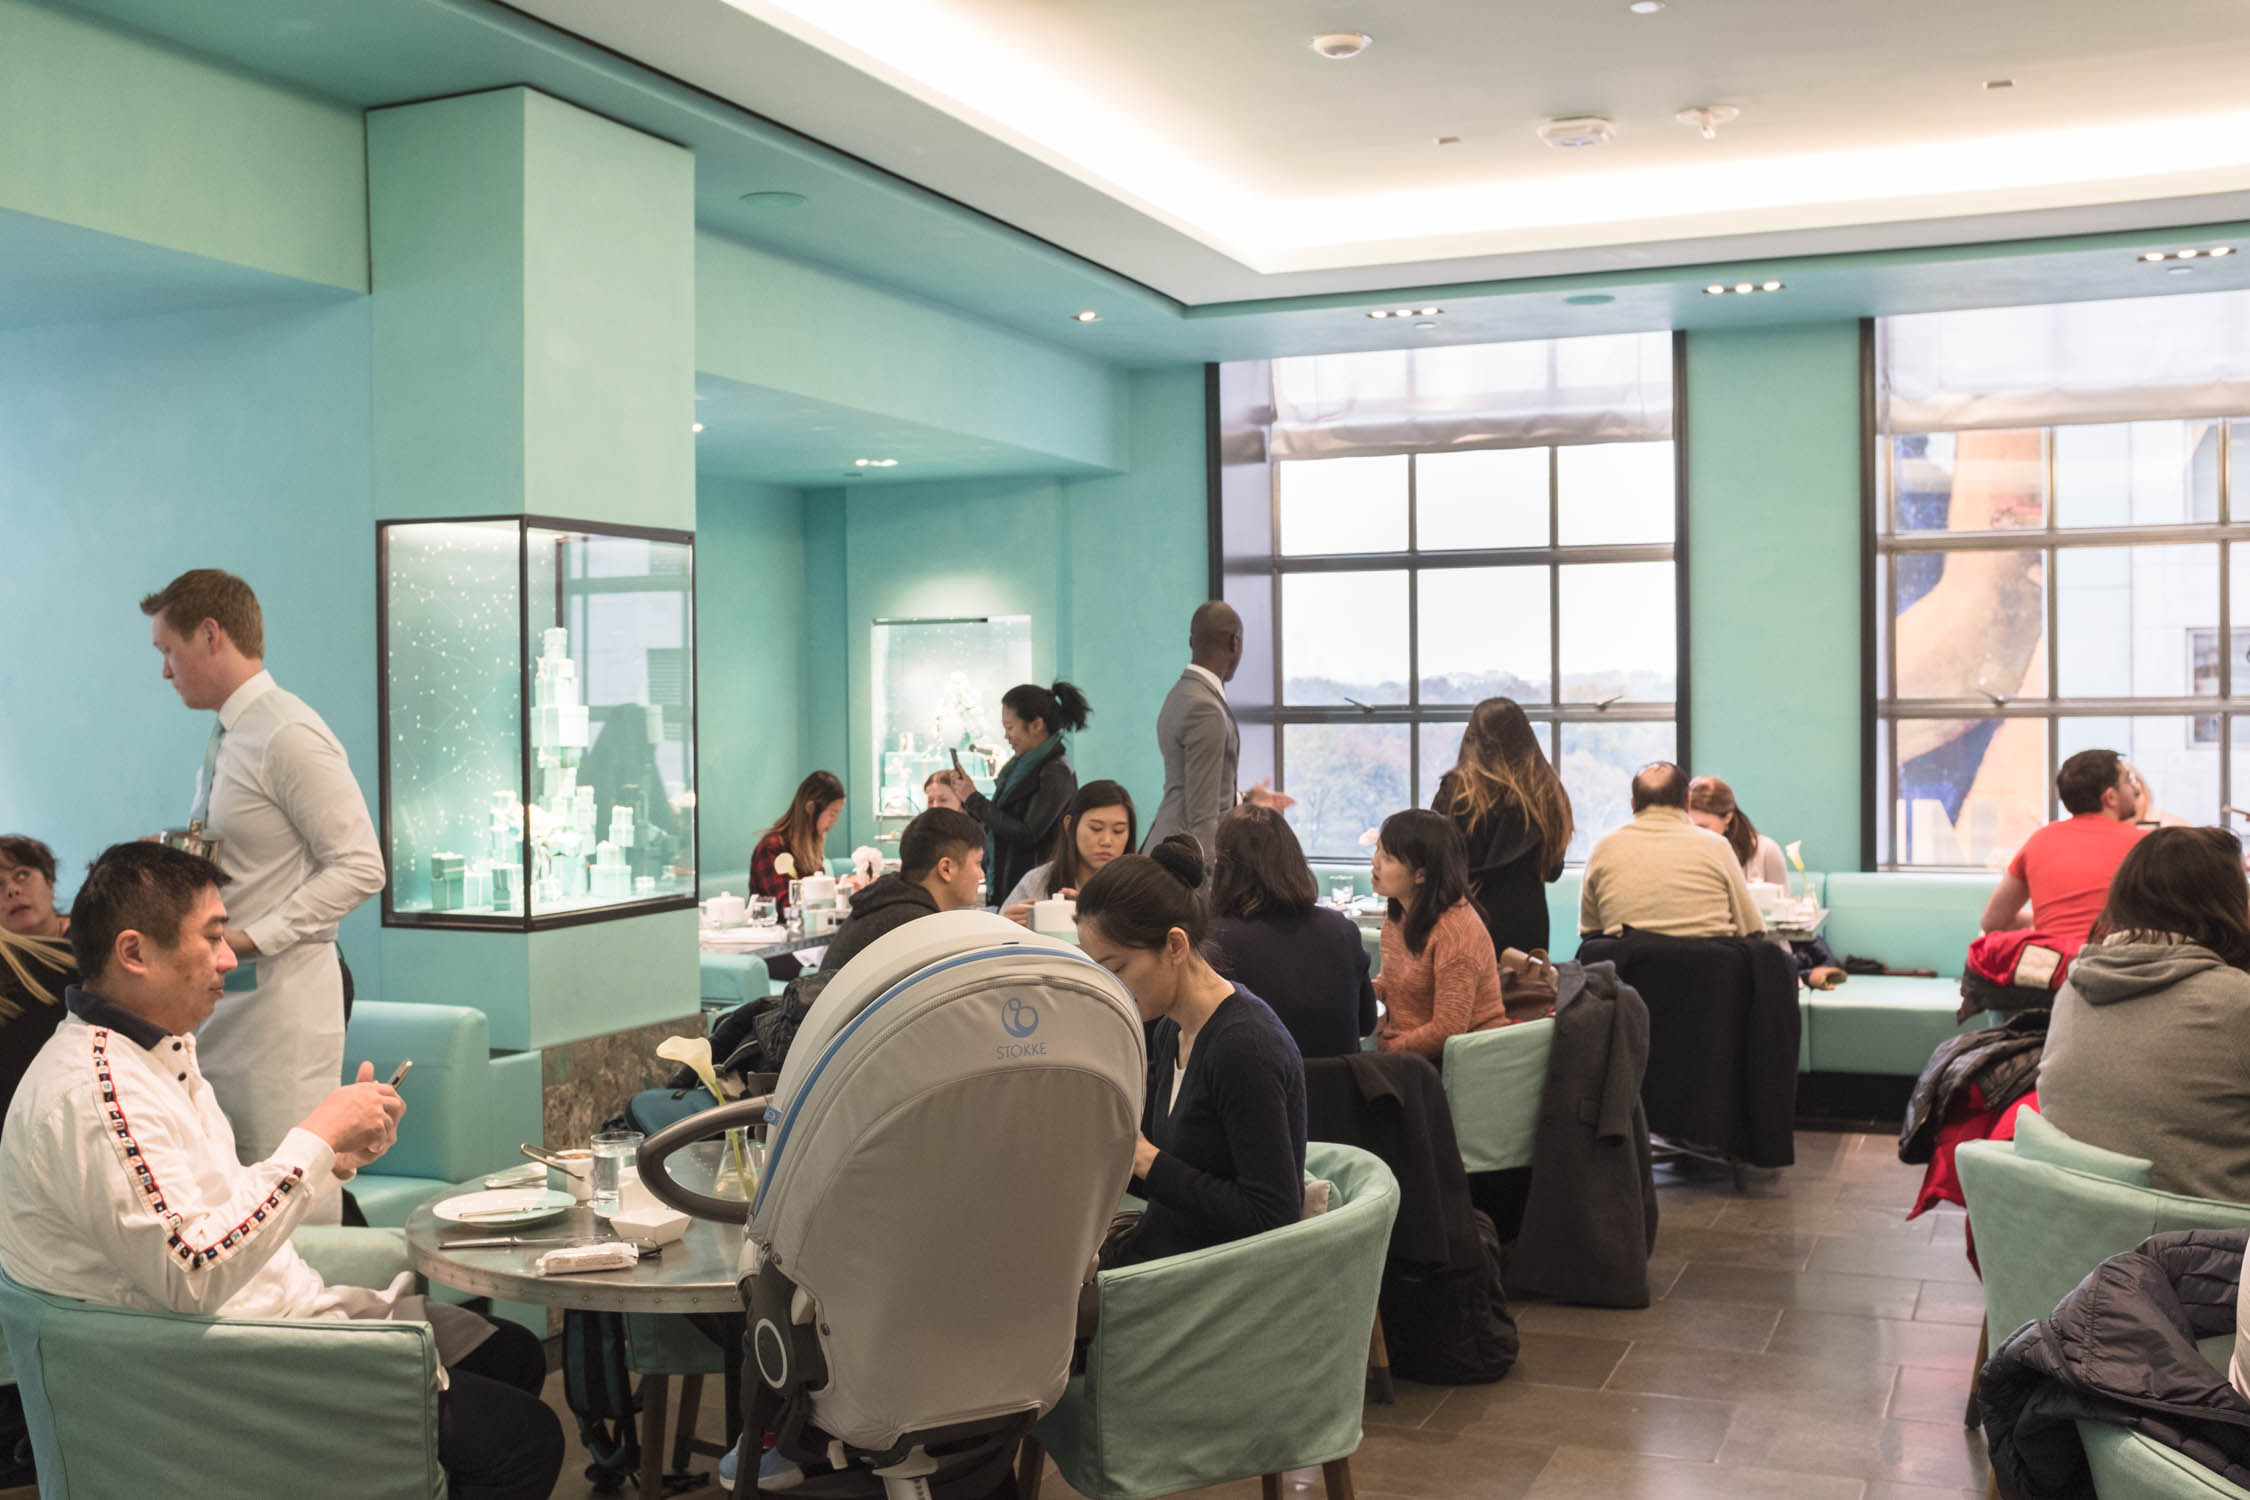 Robin S Egg Blue Cafe